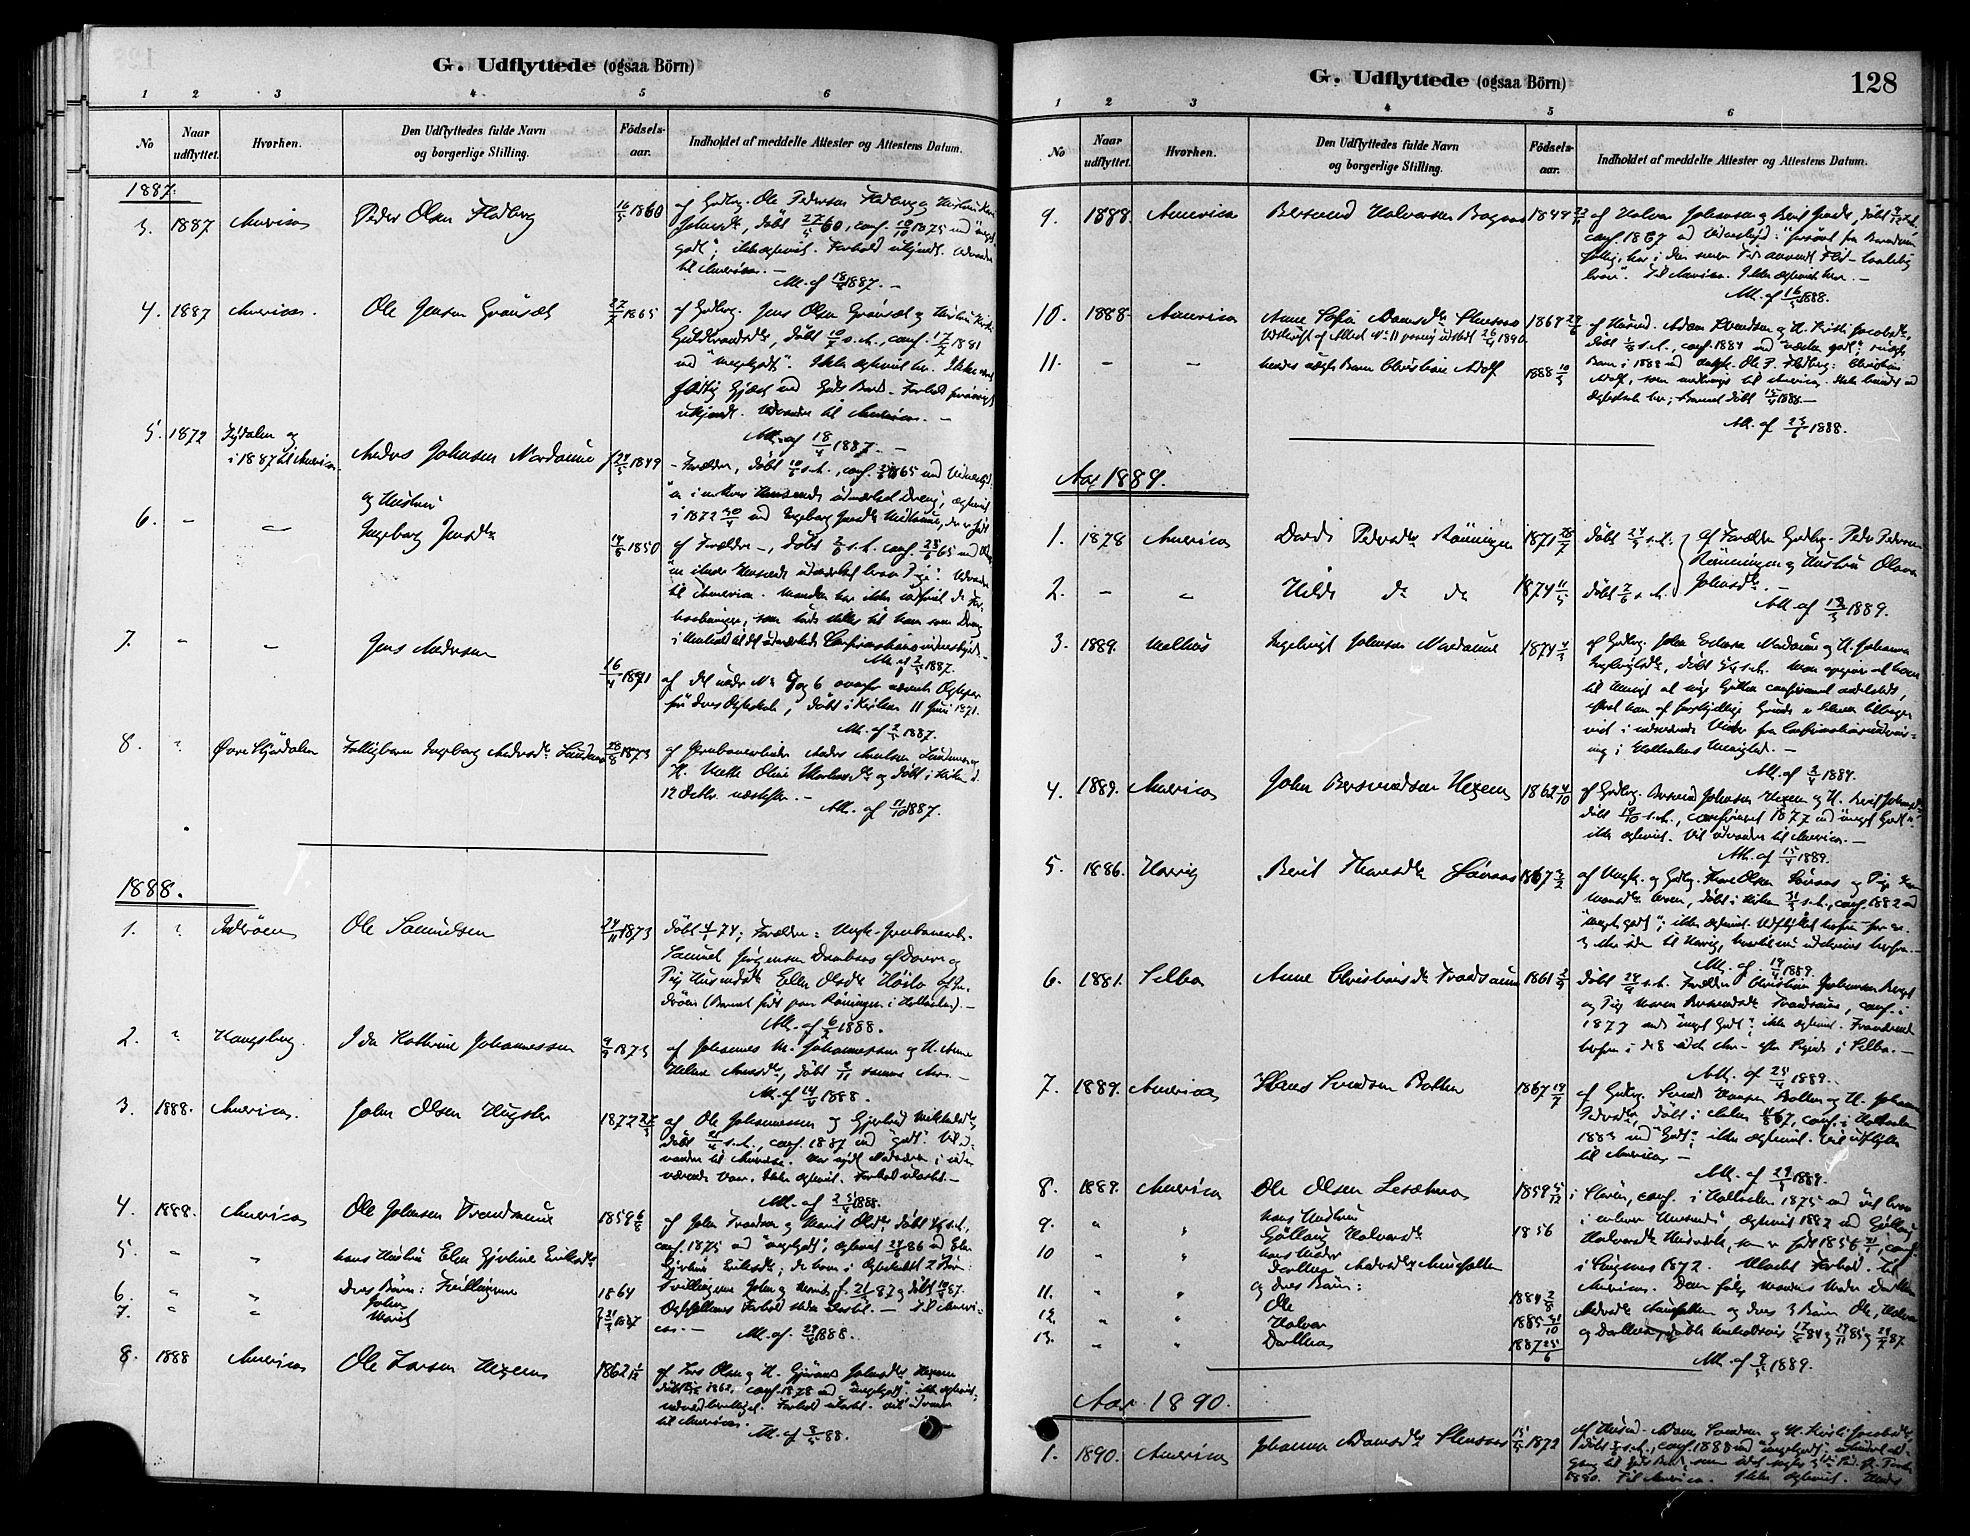 SAT, Ministerialprotokoller, klokkerbøker og fødselsregistre - Sør-Trøndelag, 685/L0972: Ministerialbok nr. 685A09, 1879-1890, s. 128